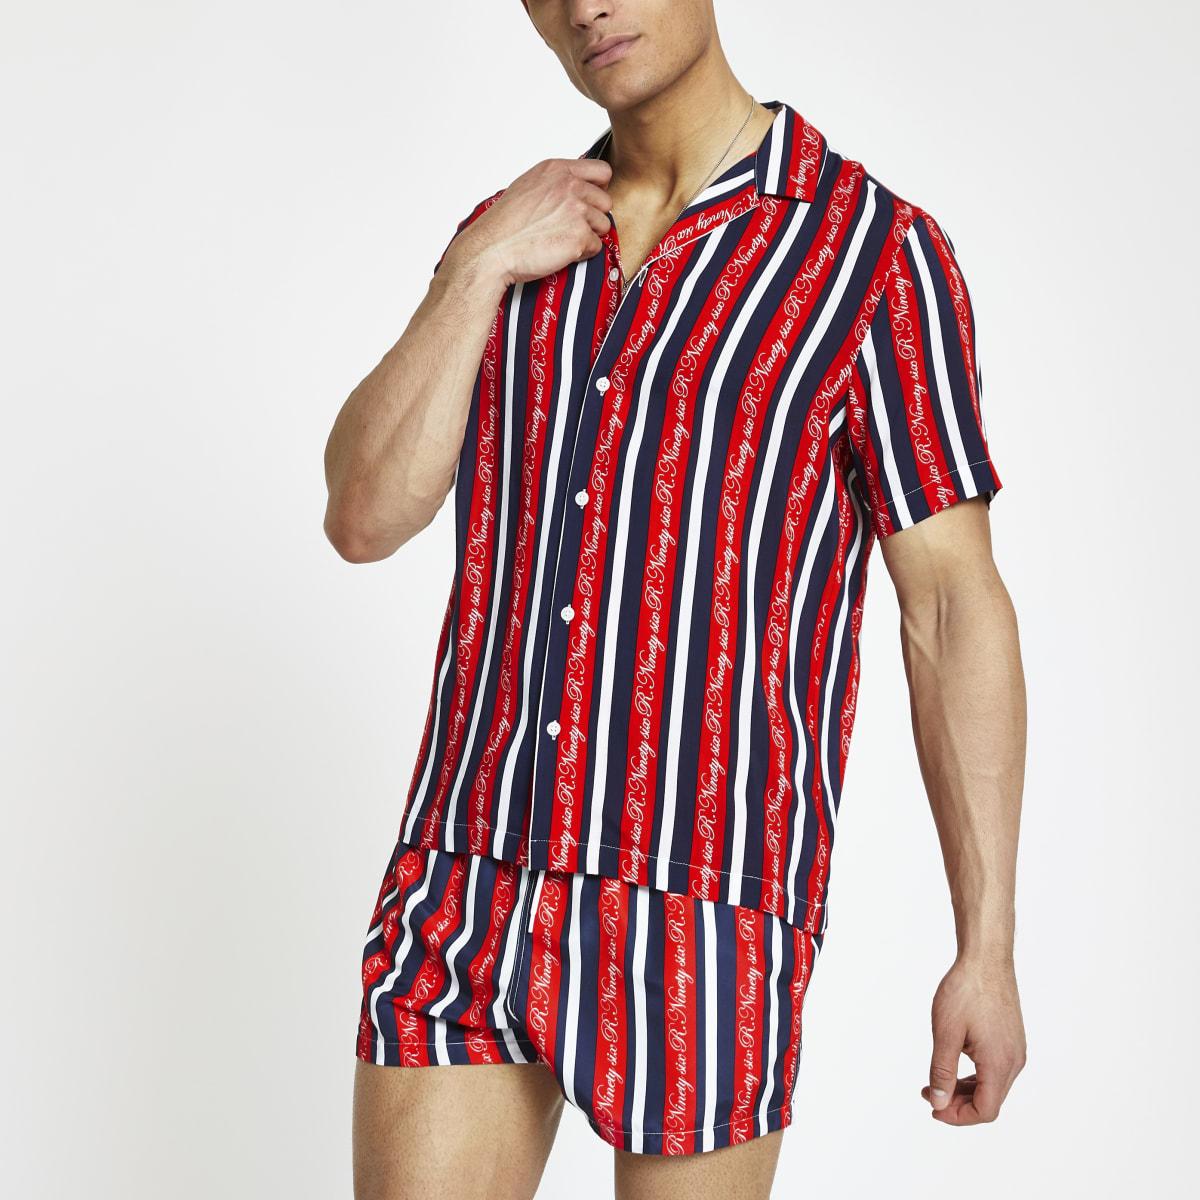 R96 red revere stripe shirt